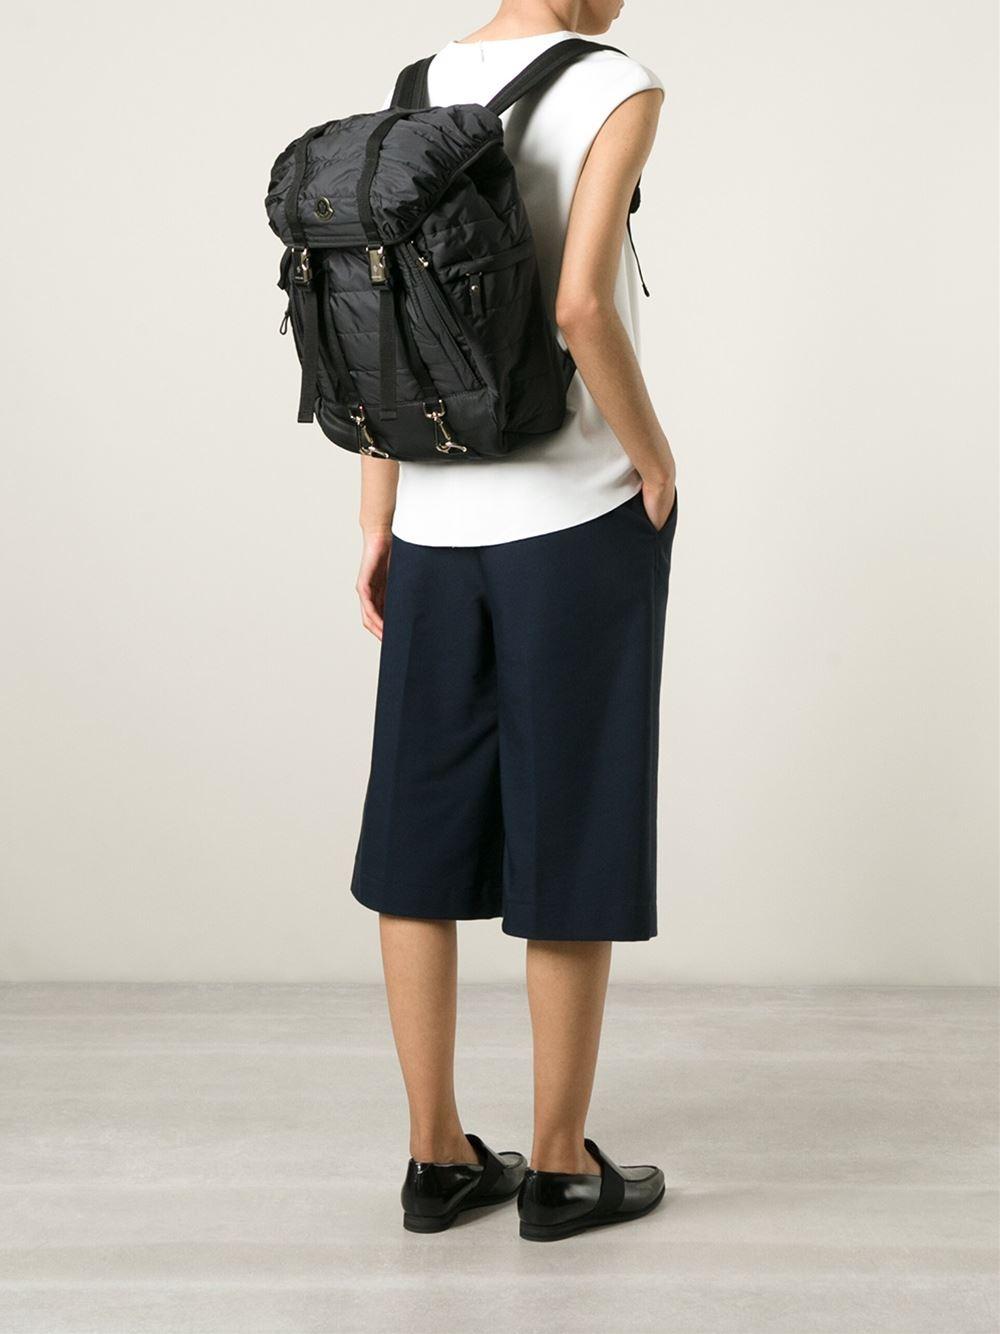 moncler rucksacks